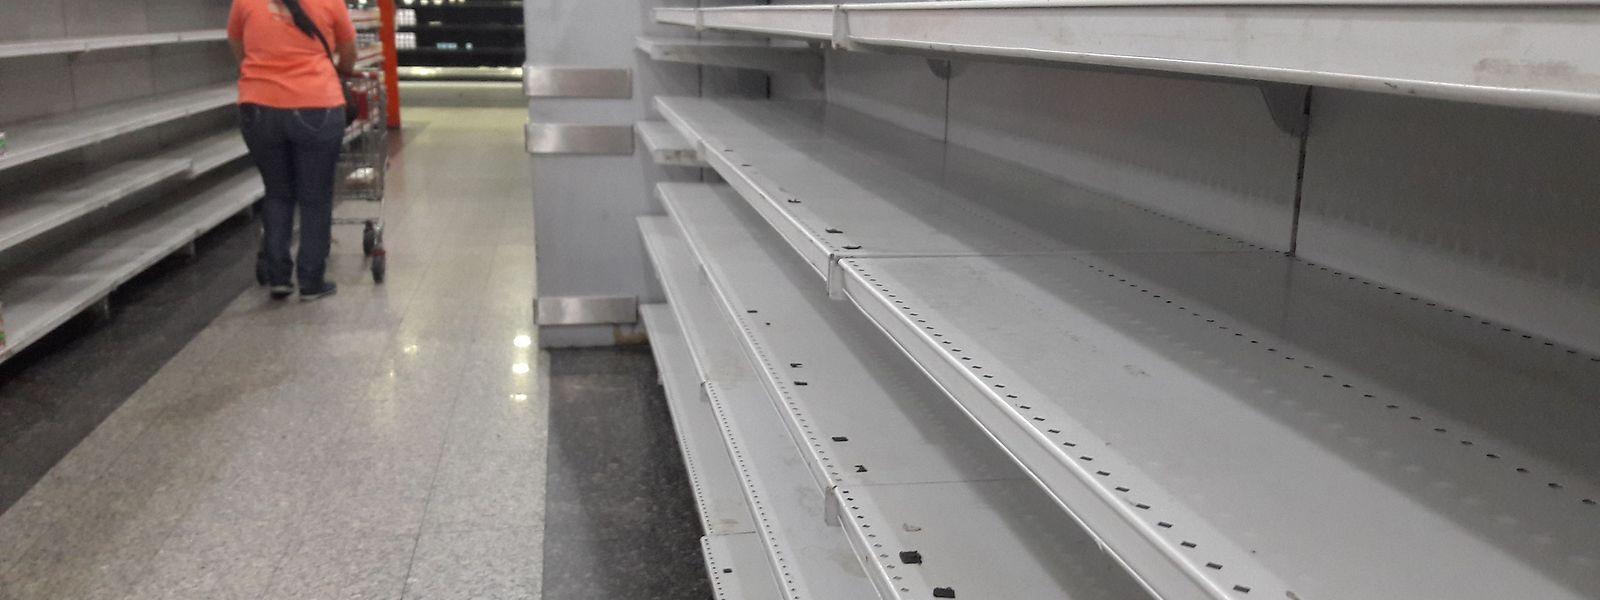 Das Bild leerer Supermarktregale kennen viele Bürger inzwischen aus der Corona-Krise.